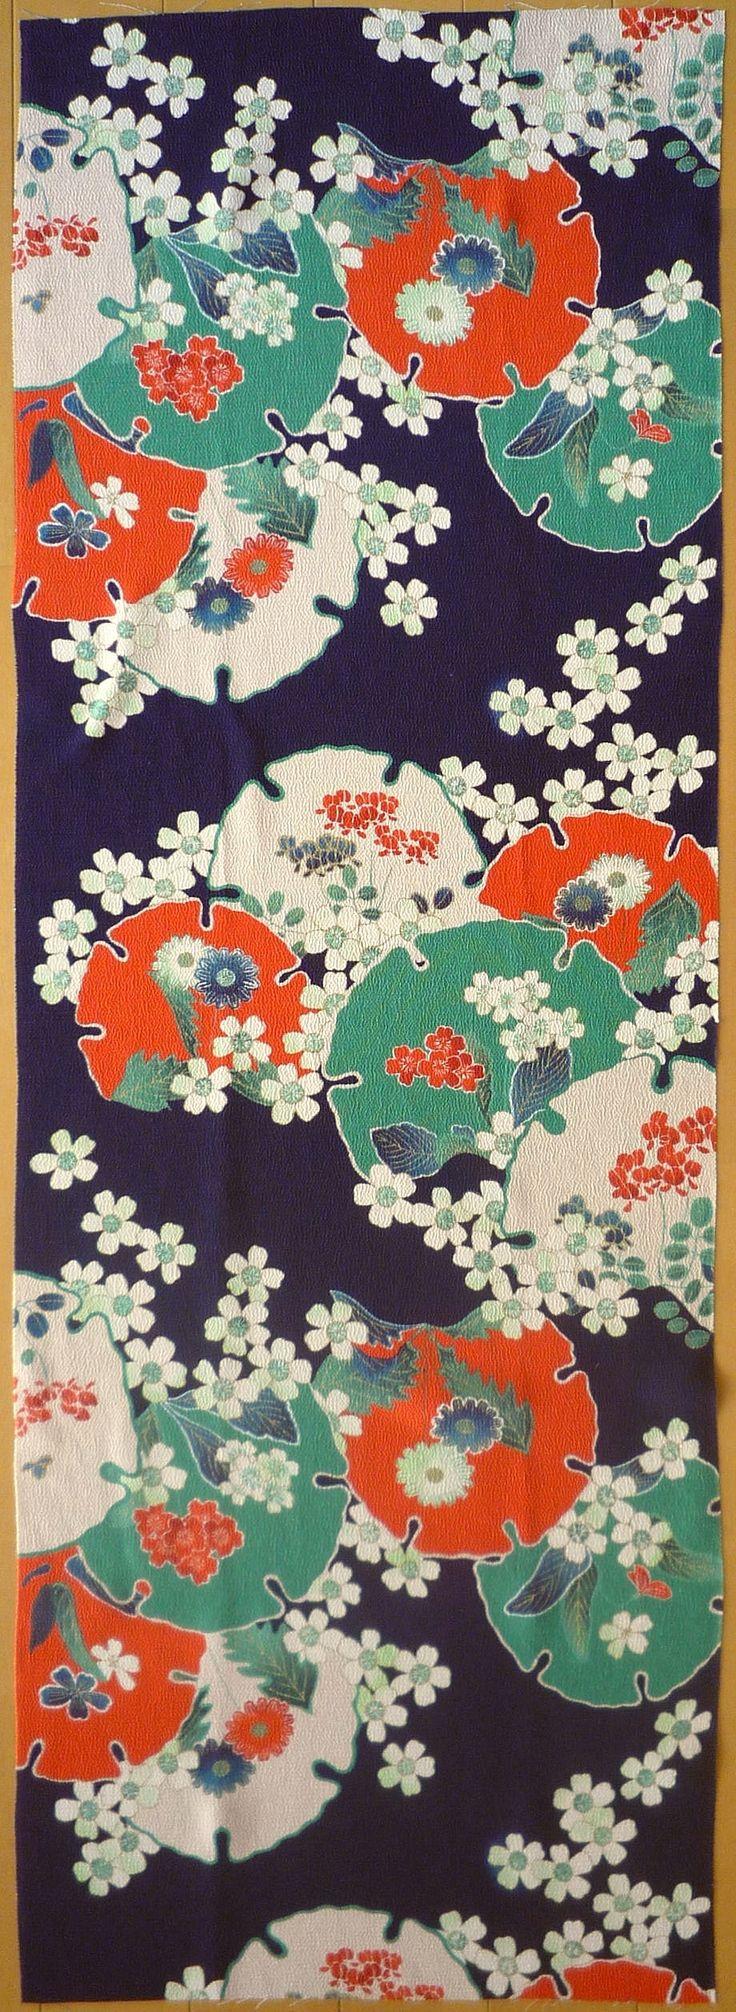 les 118 meilleures images du tableau japon tissu et kimono sur pinterest kimono japonais. Black Bedroom Furniture Sets. Home Design Ideas